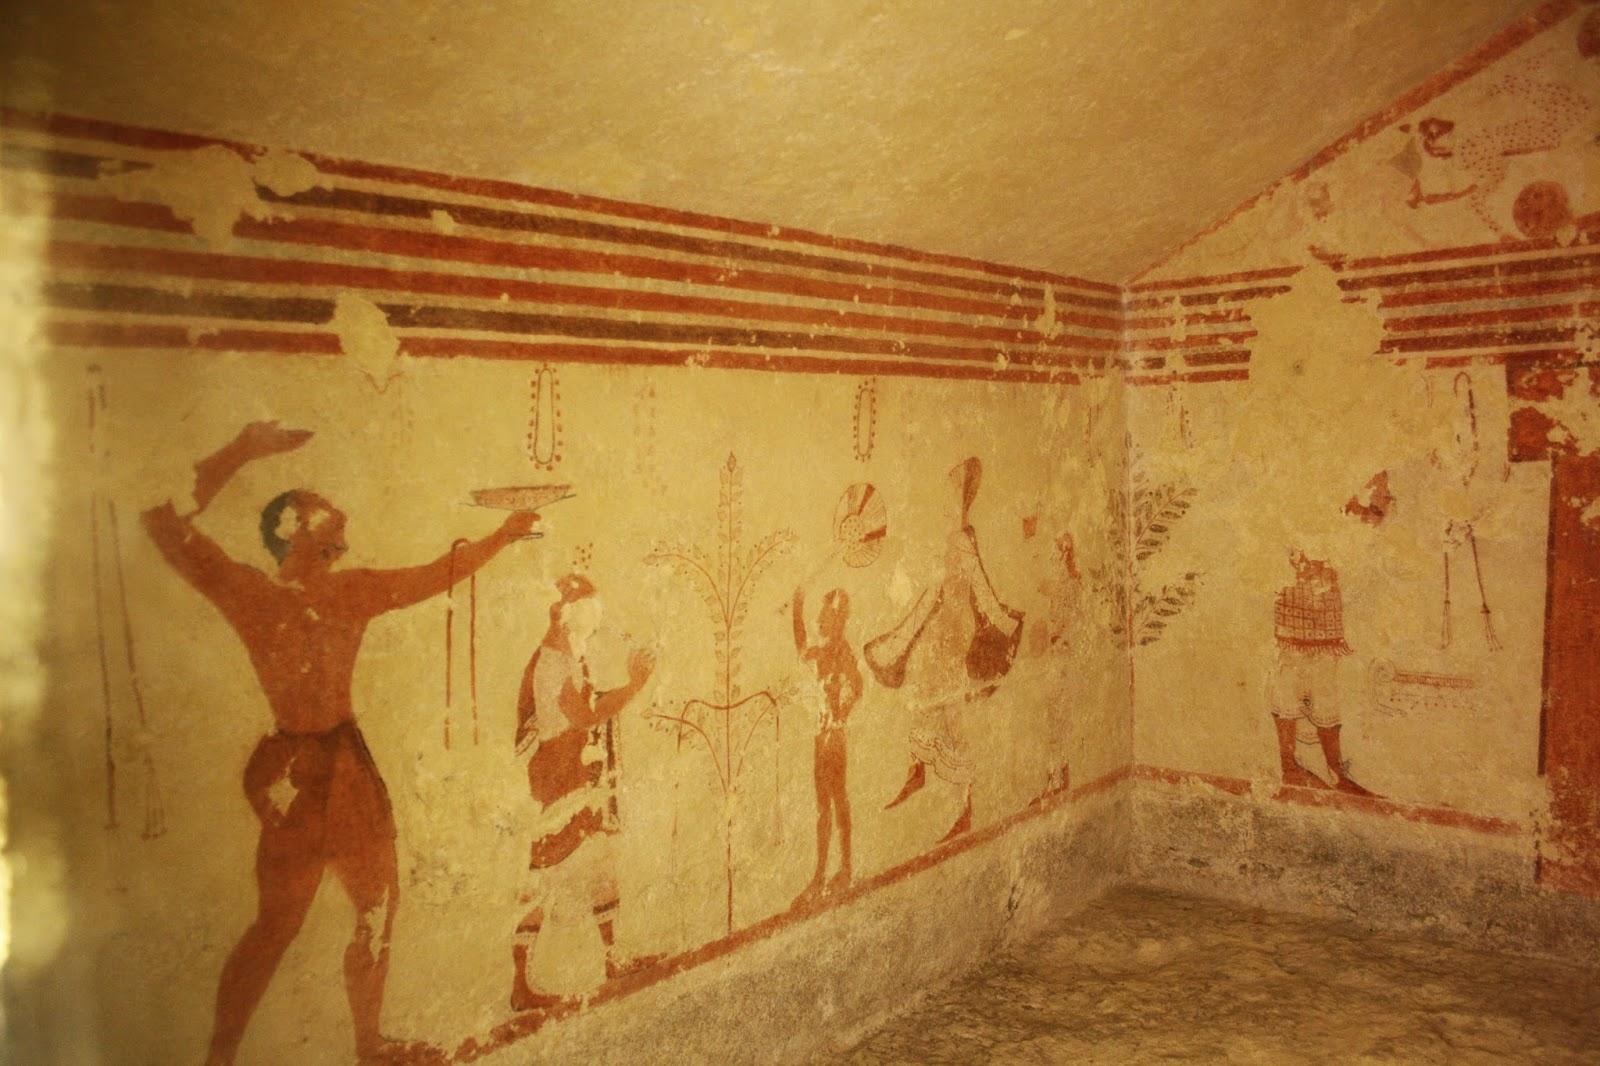 Pinturas tumba Necrópolis etrusca de Tarquinia